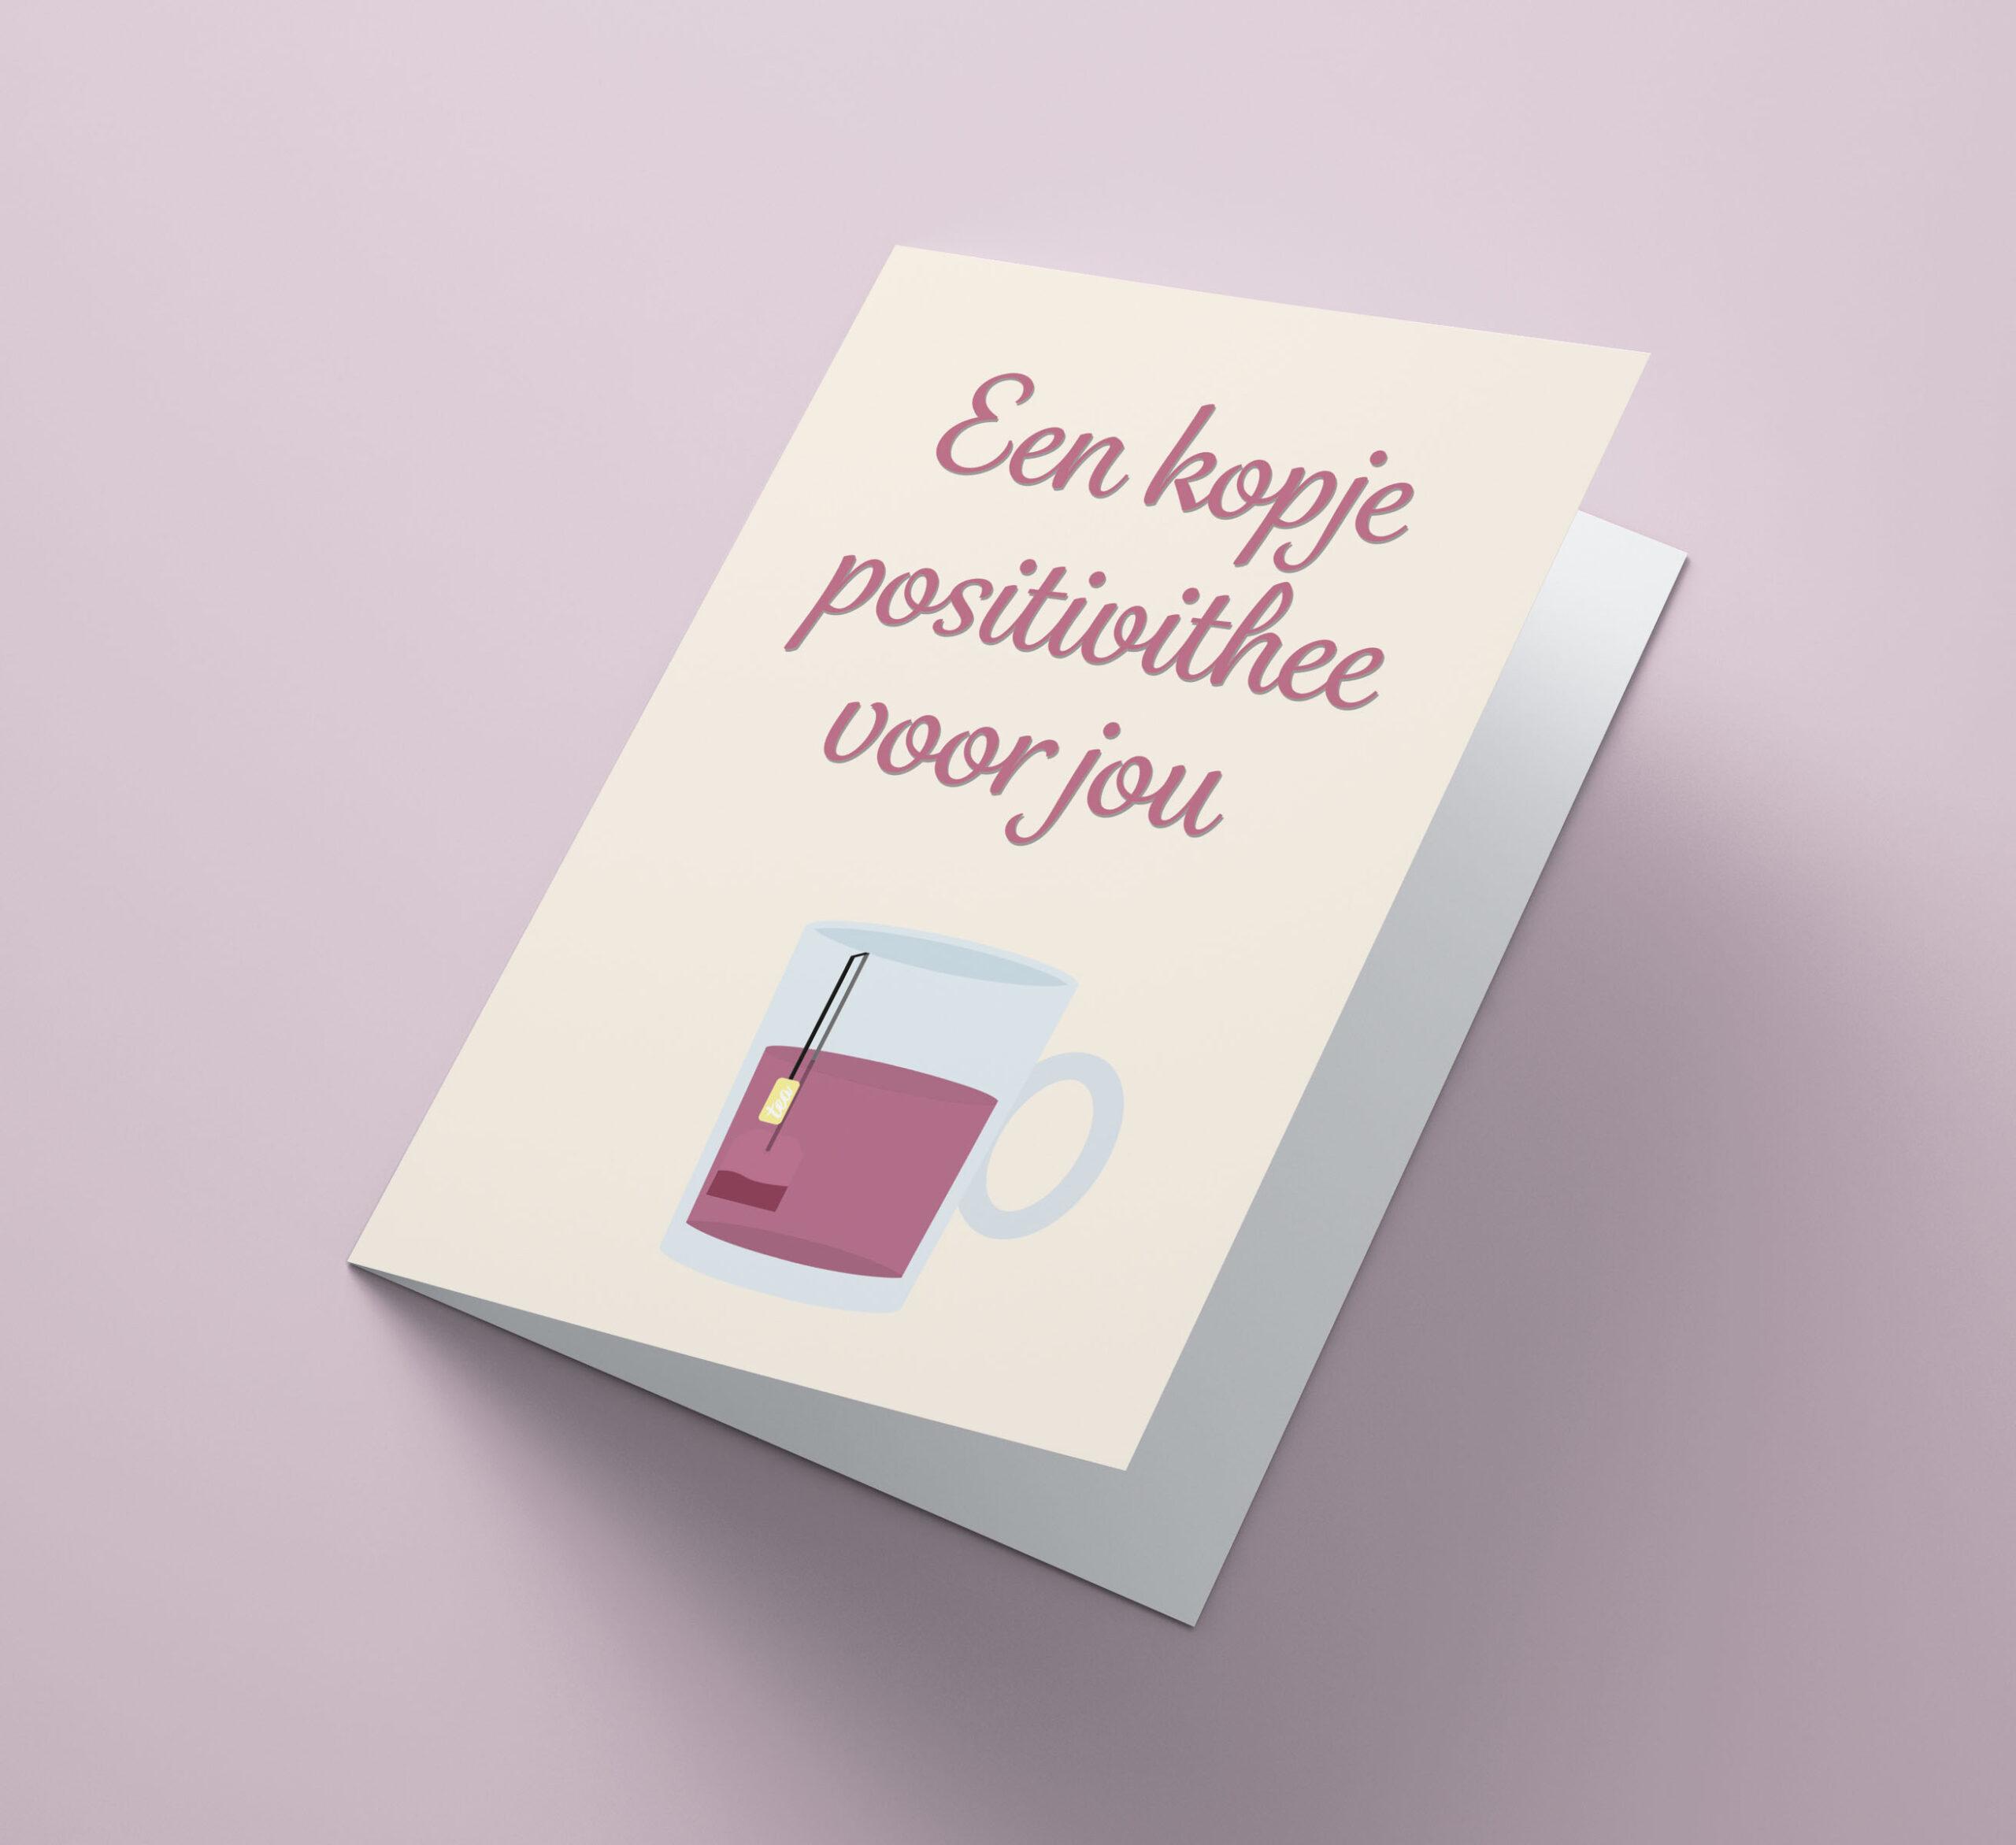 Een Kopje positivithee Voor Jou